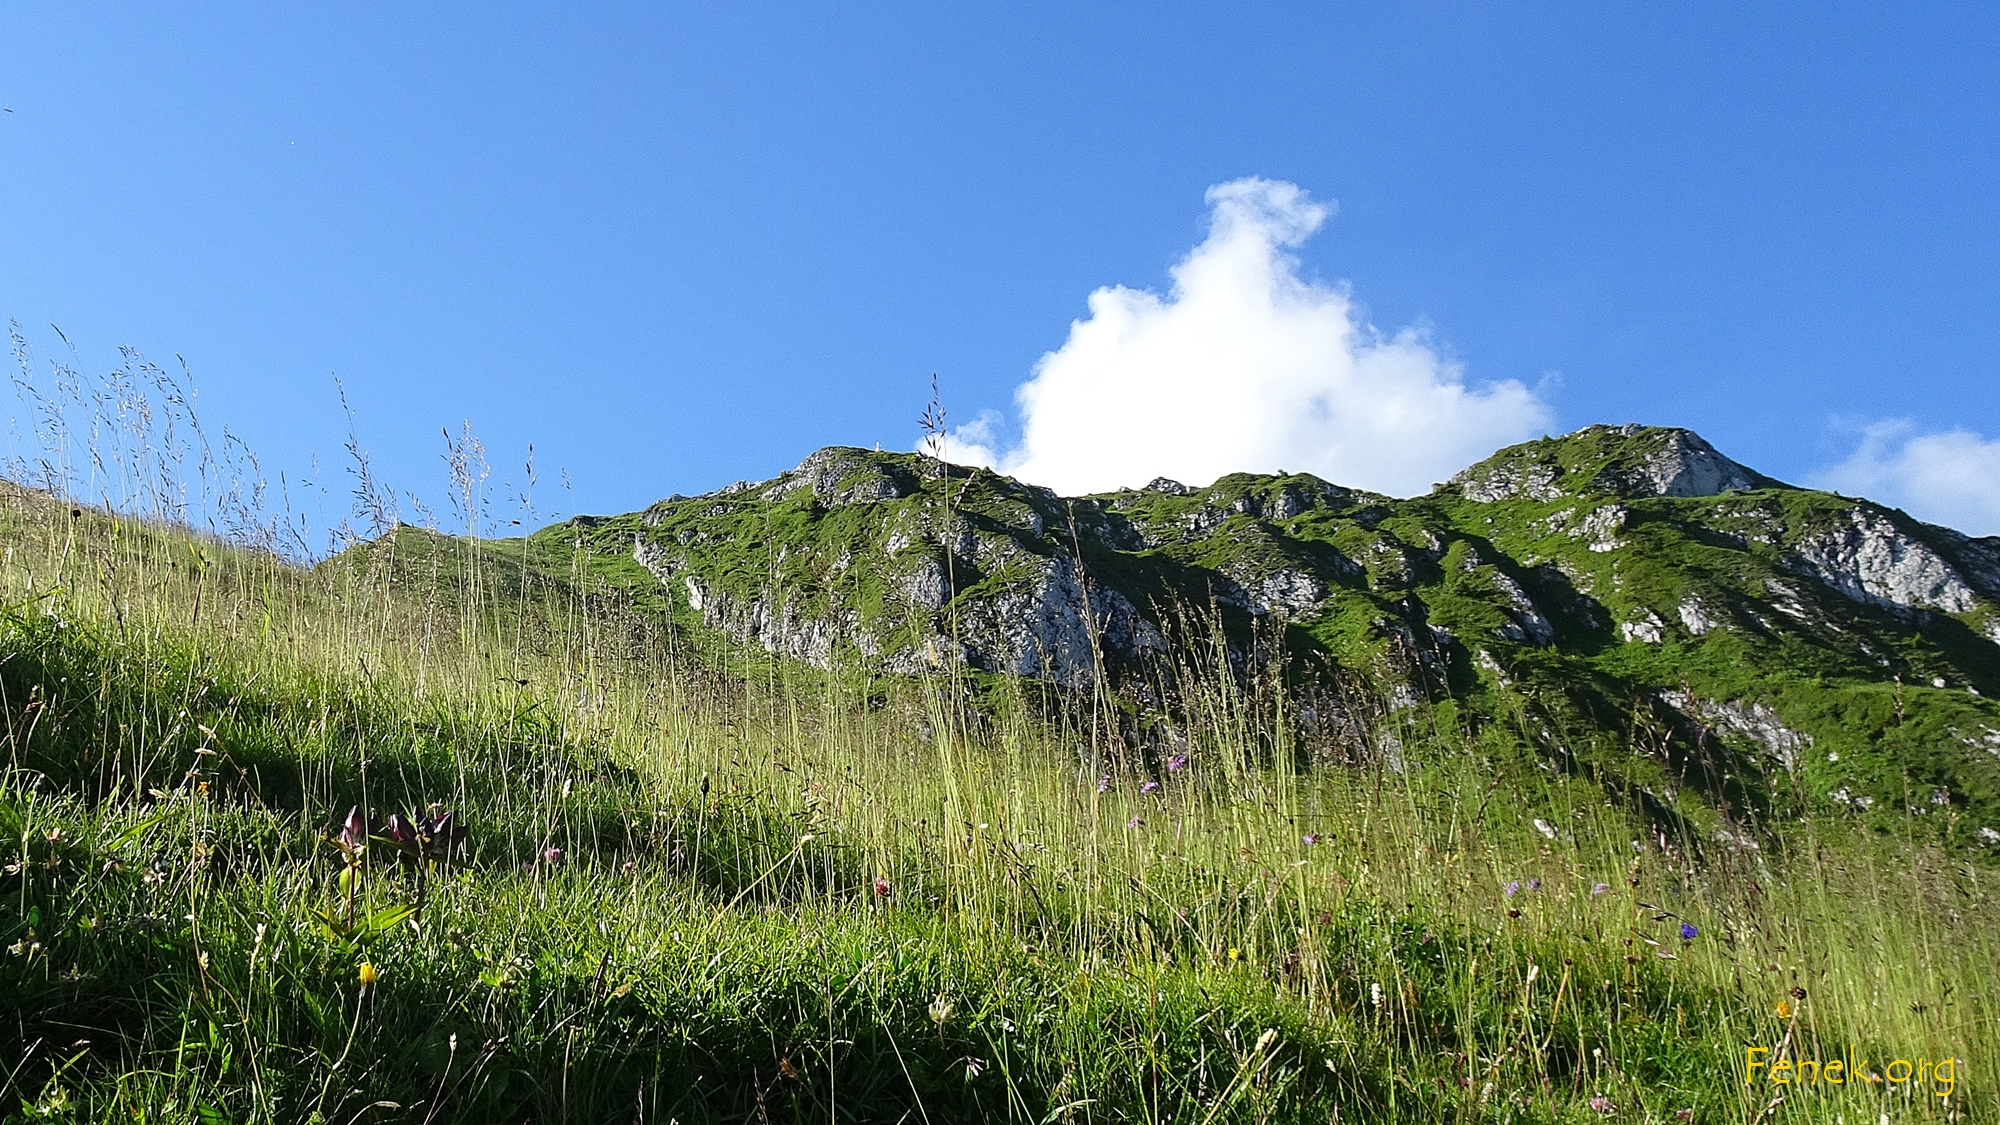 kurz unter dem Gustispitz - das Gipfelkreuz glänzt an der Sonne